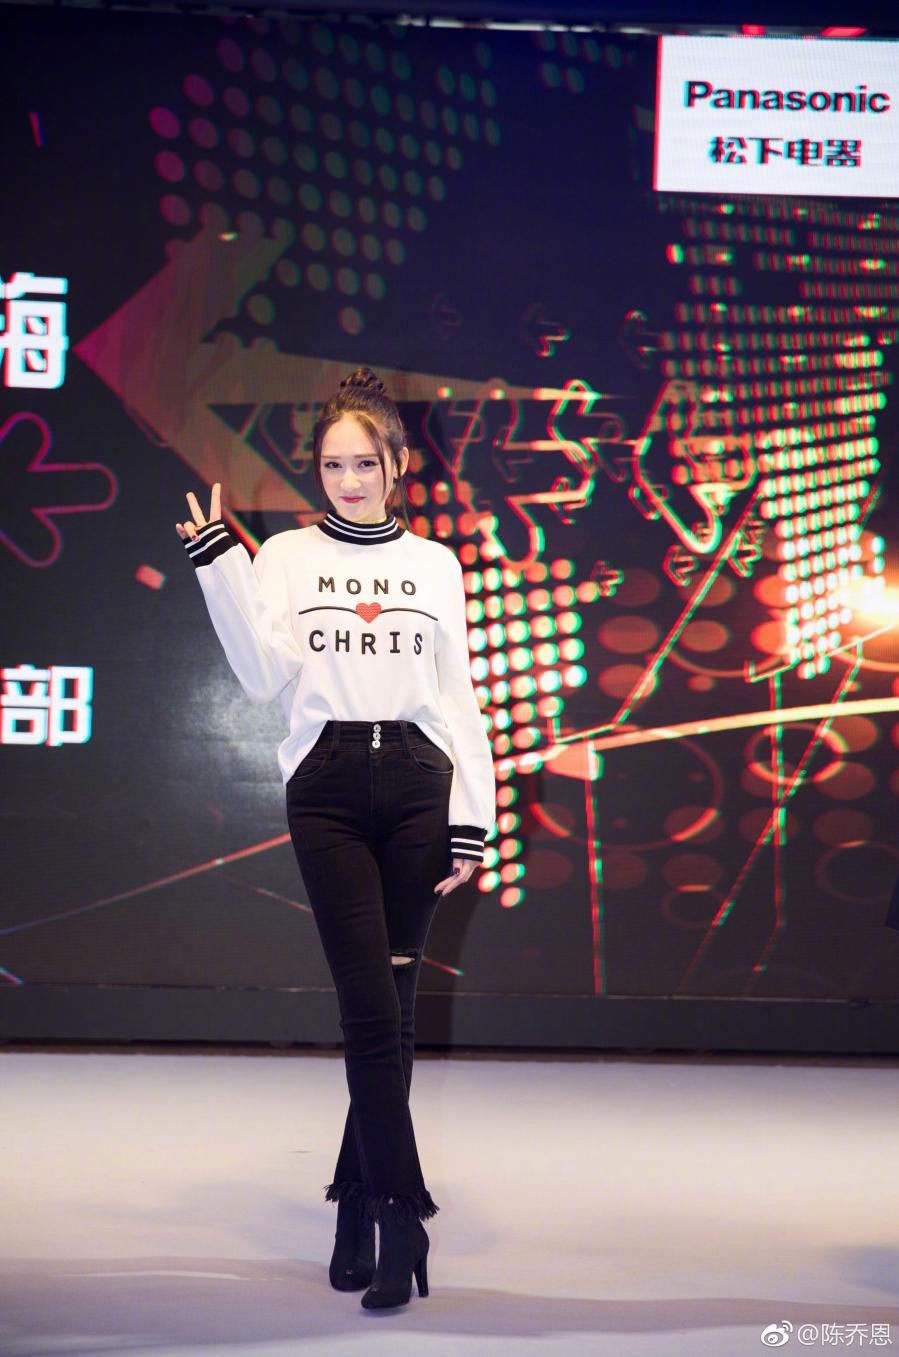 Trần Kiều Ân - Bóng hồng Đài Loan sở hữu vẻ đẹp không tuổi và phong cách thời trang vạn người mê - Hình 10